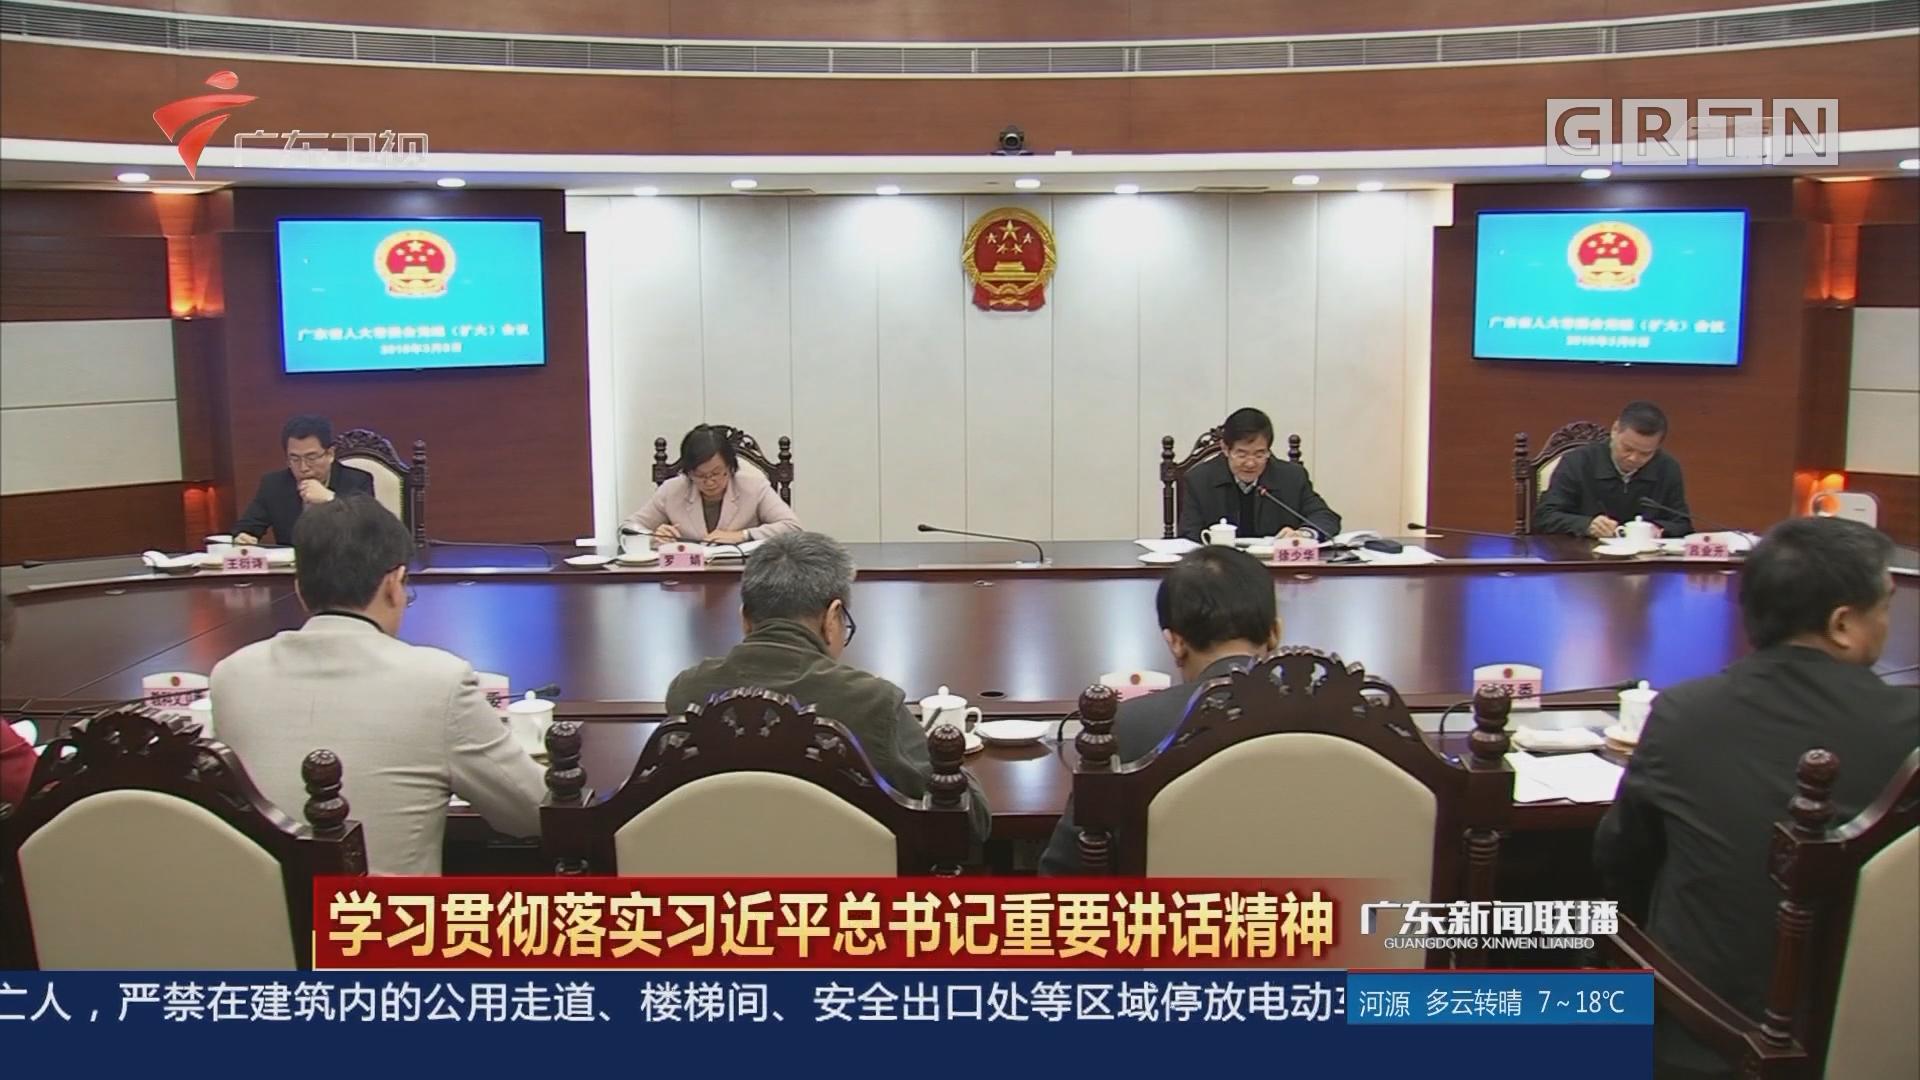 把习近平总书记对广东提出的要求贯彻落实到人大工作的各方面、全过程